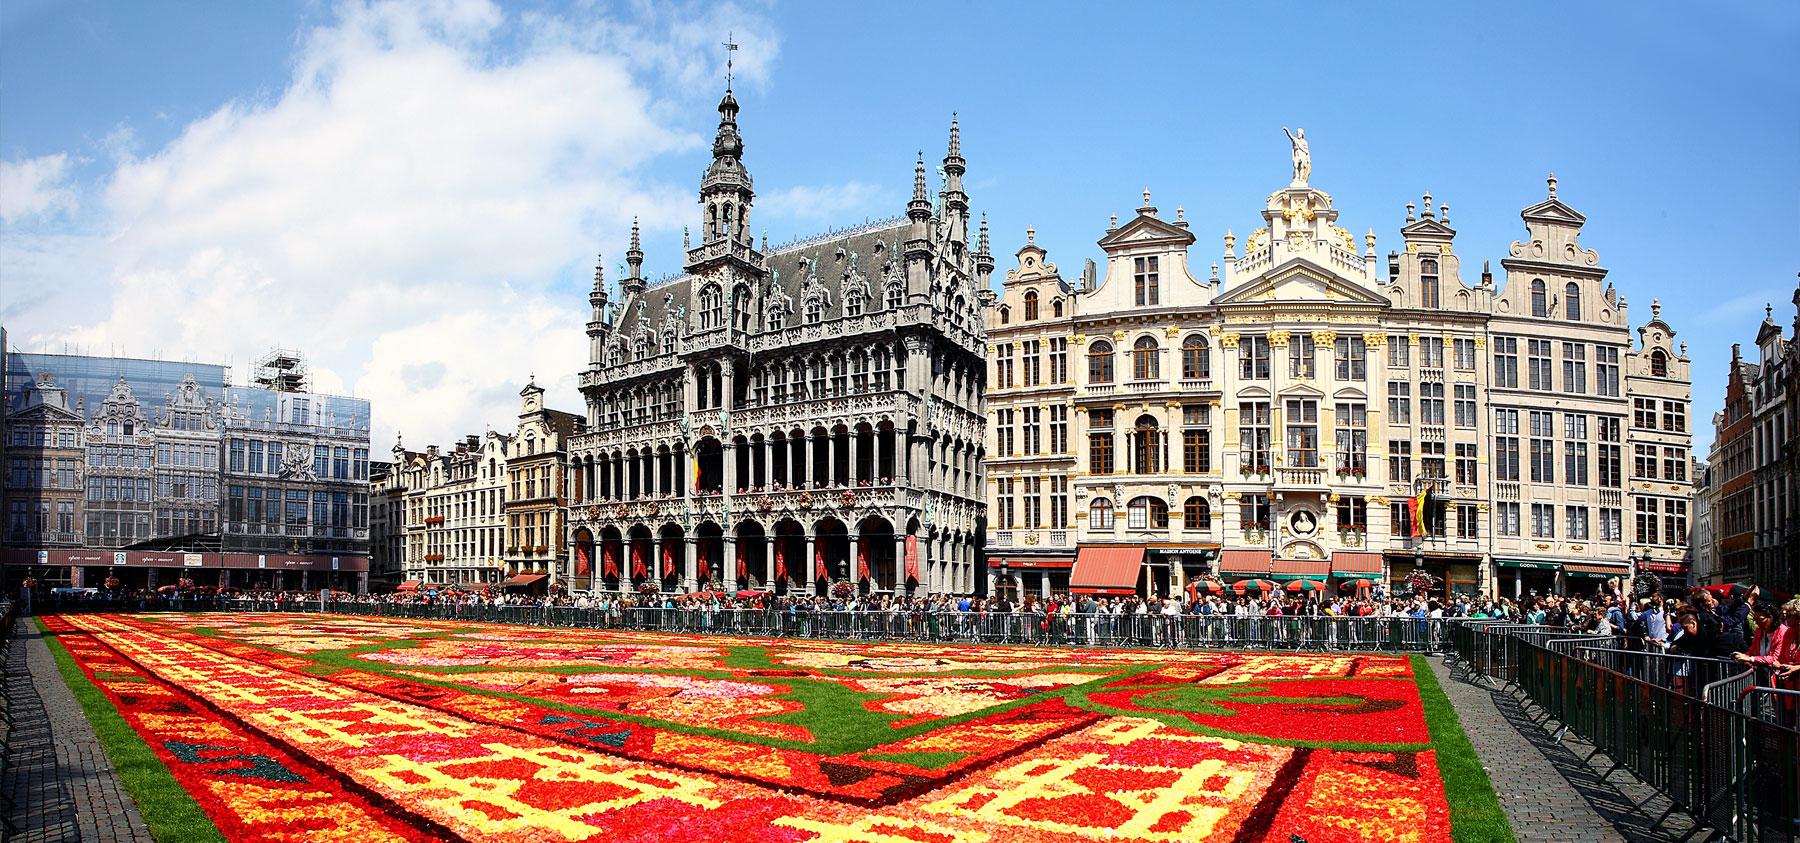 グラン=プラス フラワーカーペット ベルギー ブリュッセル